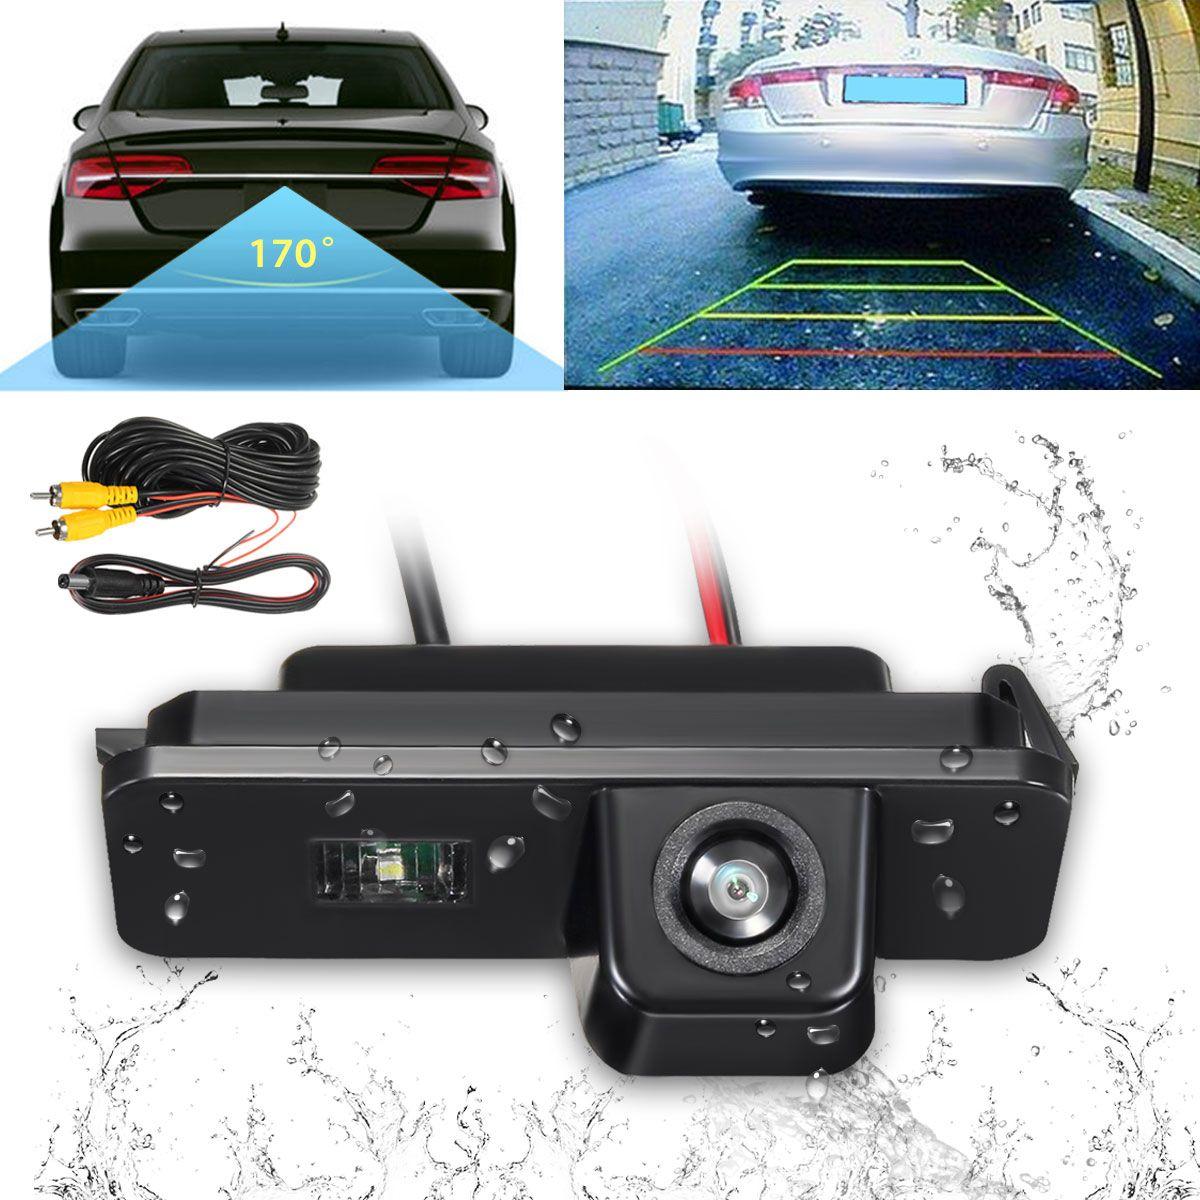 Auto Auto Rückfahr Rückansicht Kamera Parkplatz Monitor Für VW/2C/Bora/Golf/MK4/MK5 /MK6/Beetle/Leon für Polo